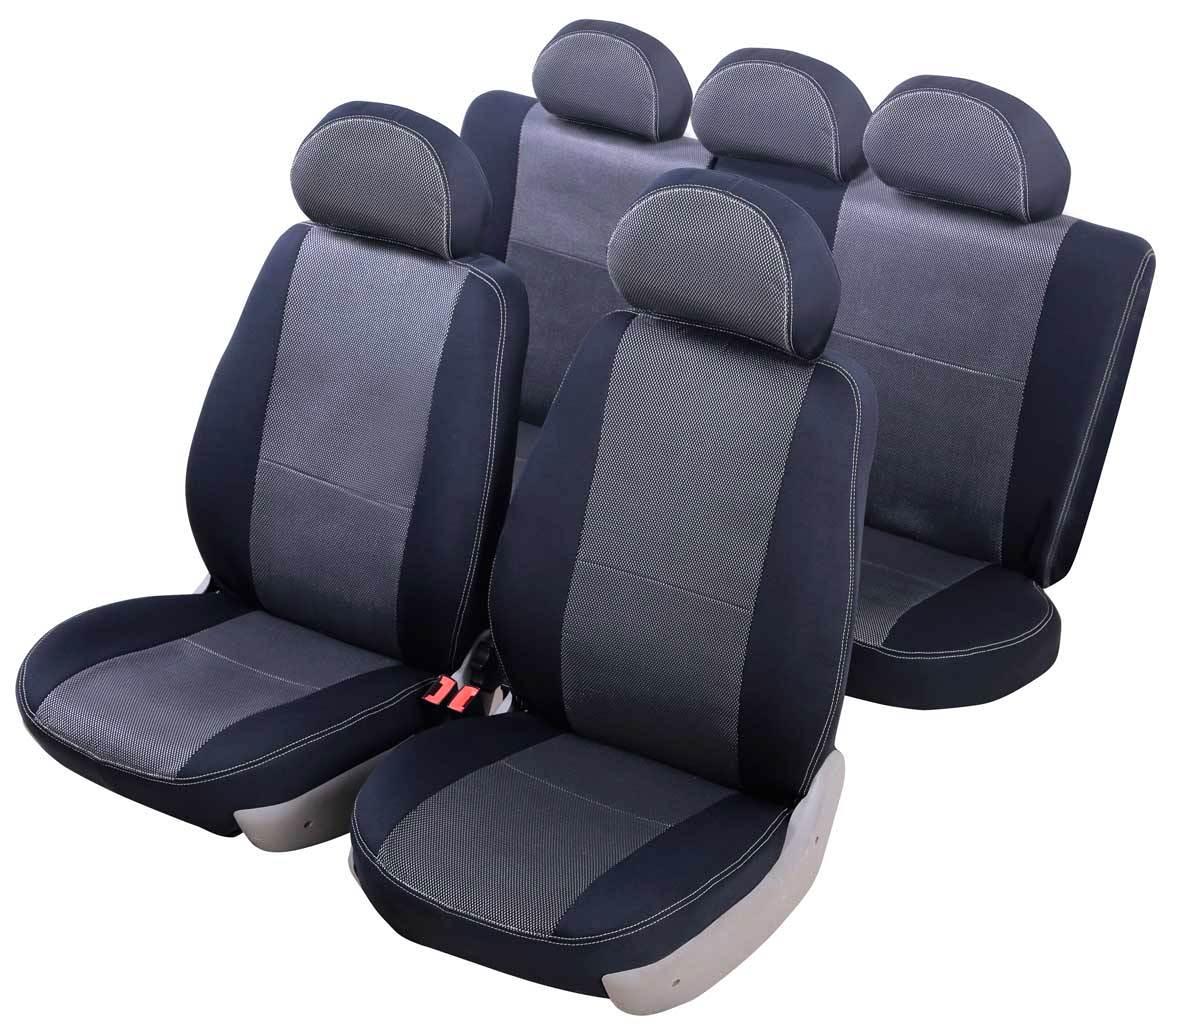 Чехол на сиденье SenatorЧехлы на сиденья<br>Тип: чехол,<br>Материал: жаккард,<br>Цвет: черный<br>